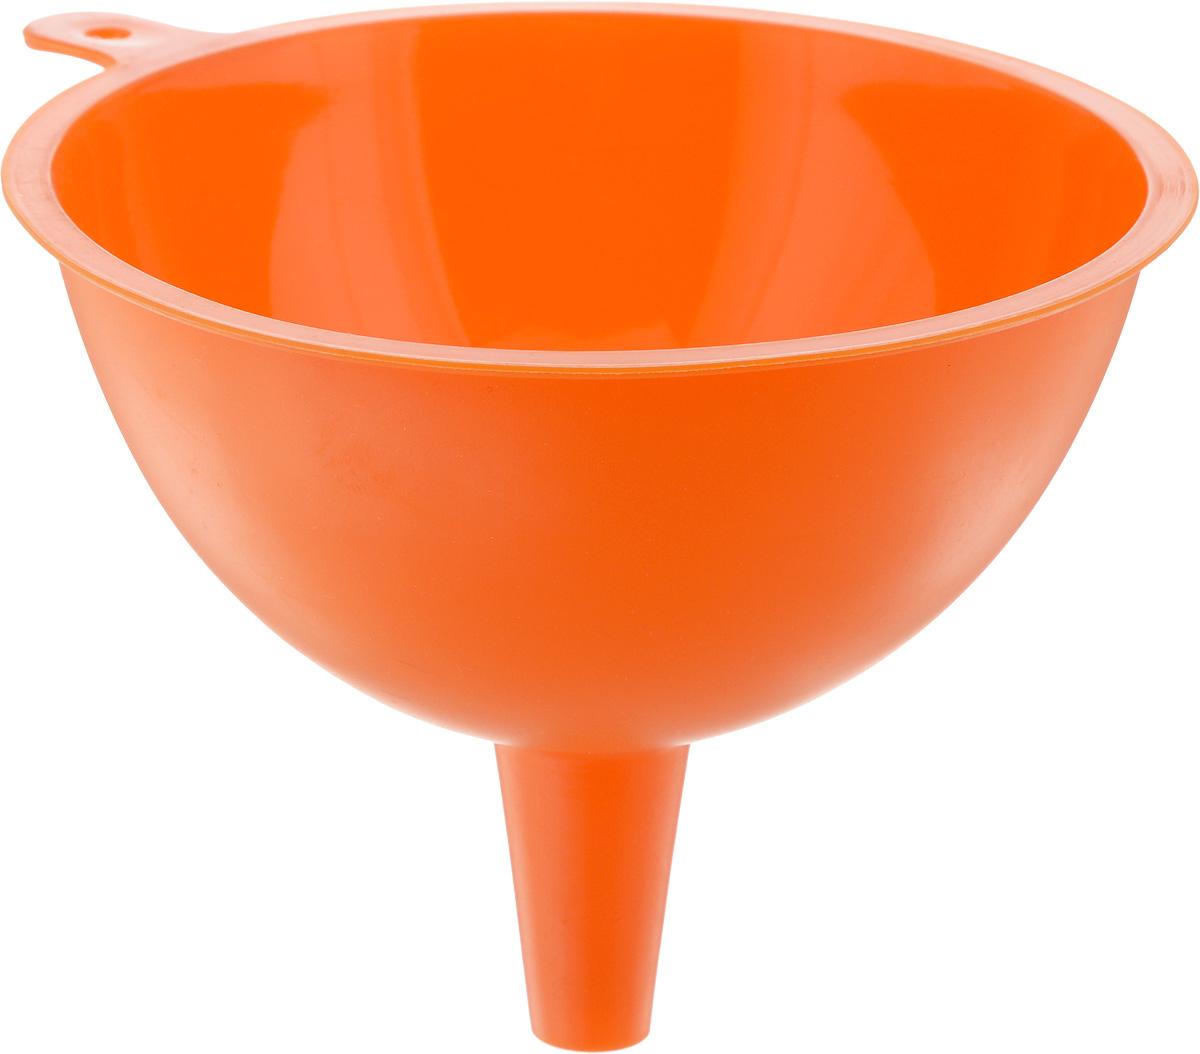 Воронка Mayer & Boch, цвет: оранжевый, диаметр 15 см24620_оранжевыйВоронка Mayer & Boch изготовлена из силикона. Предназначена для переливания жидкостей в сосуд с узким горлышком. Воронка плотно прилегает к краям наполняемой емкости, поэтому вы ни капли не прольете мимо. Такая воронка станет прекрасным дополнением к коллекции ваших кухонных аксессуаров. Диаметр воронки: 15 см. Высота воронки: 12 см.